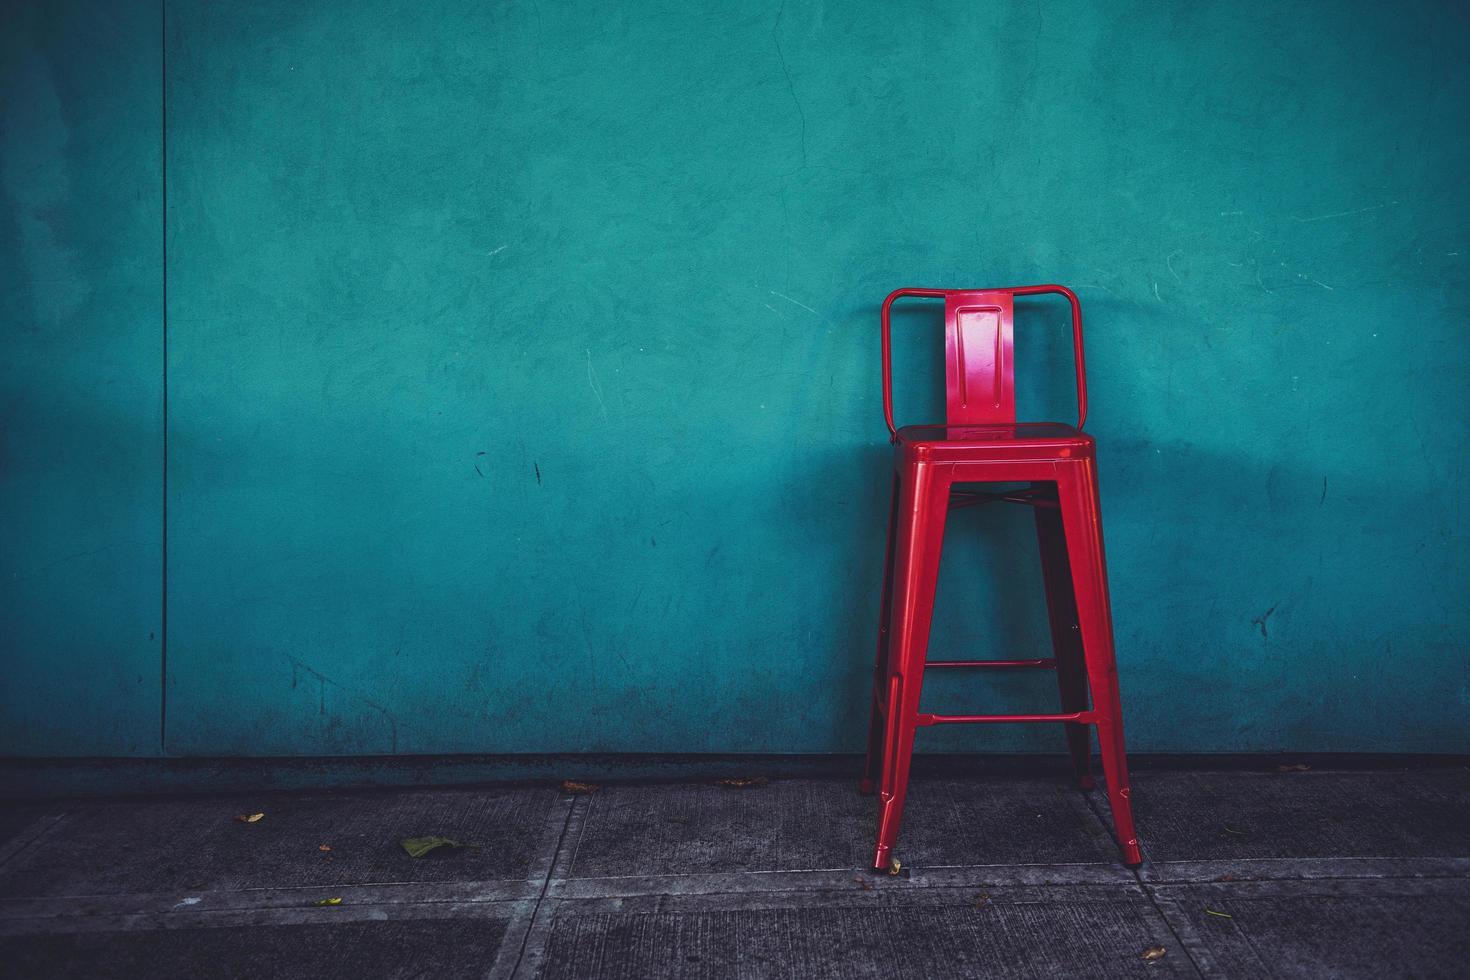 rode metalen stoel tegen blauwe muur foto